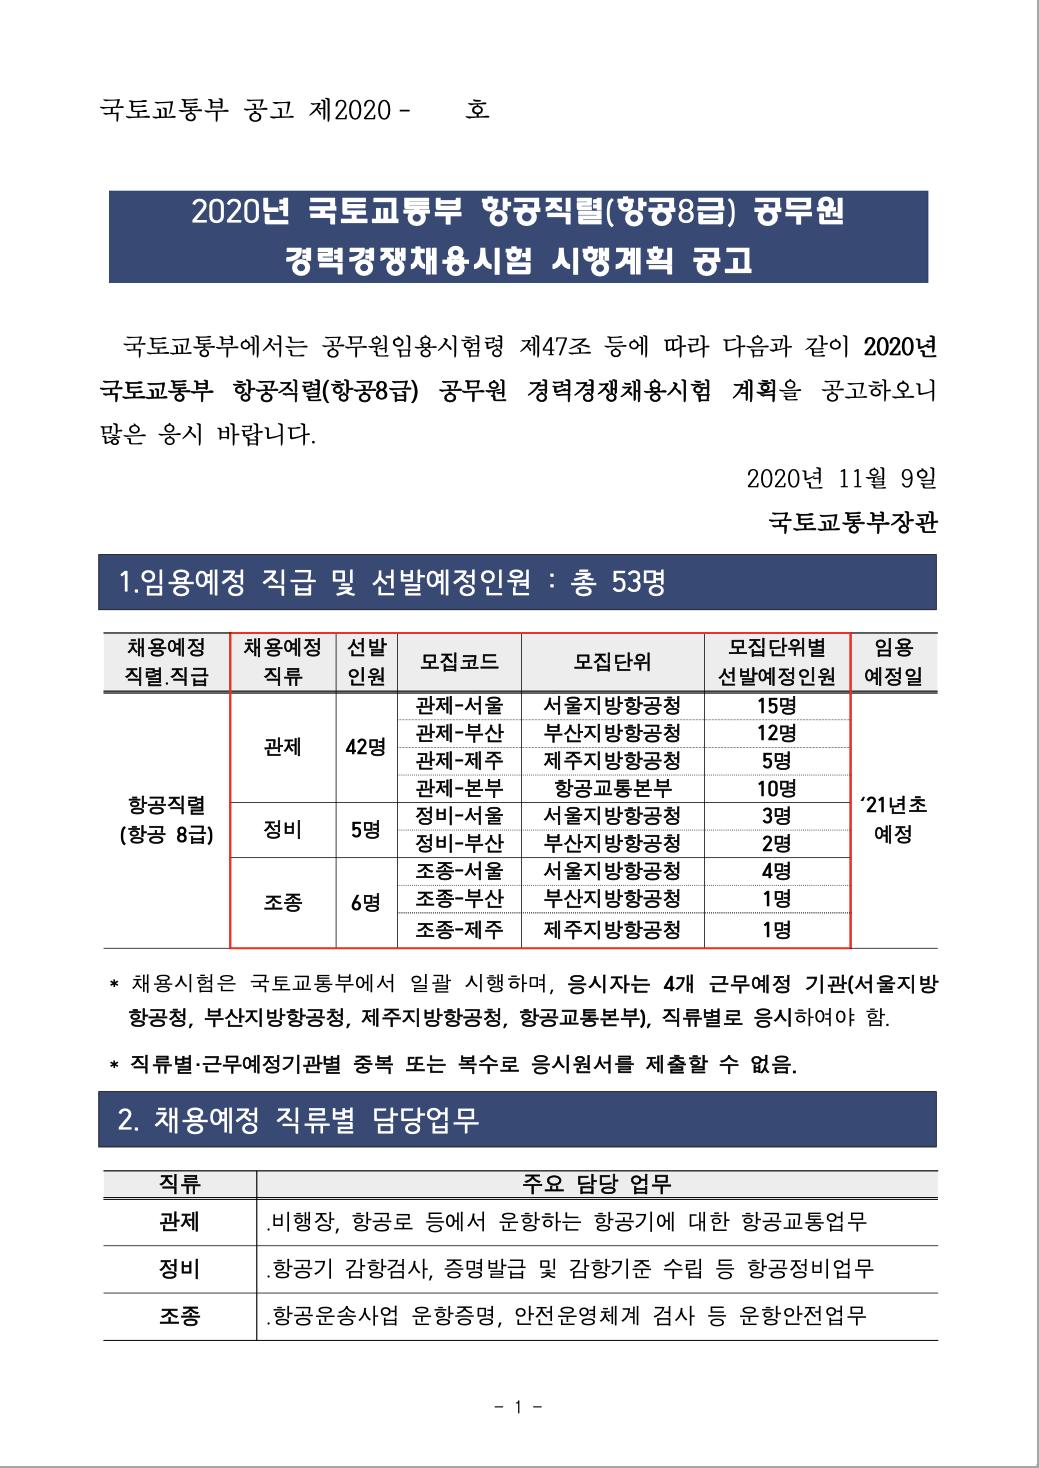 2020년 국토교통부 항공직렬(항공8급) 공무원 경력경쟁채용 공고